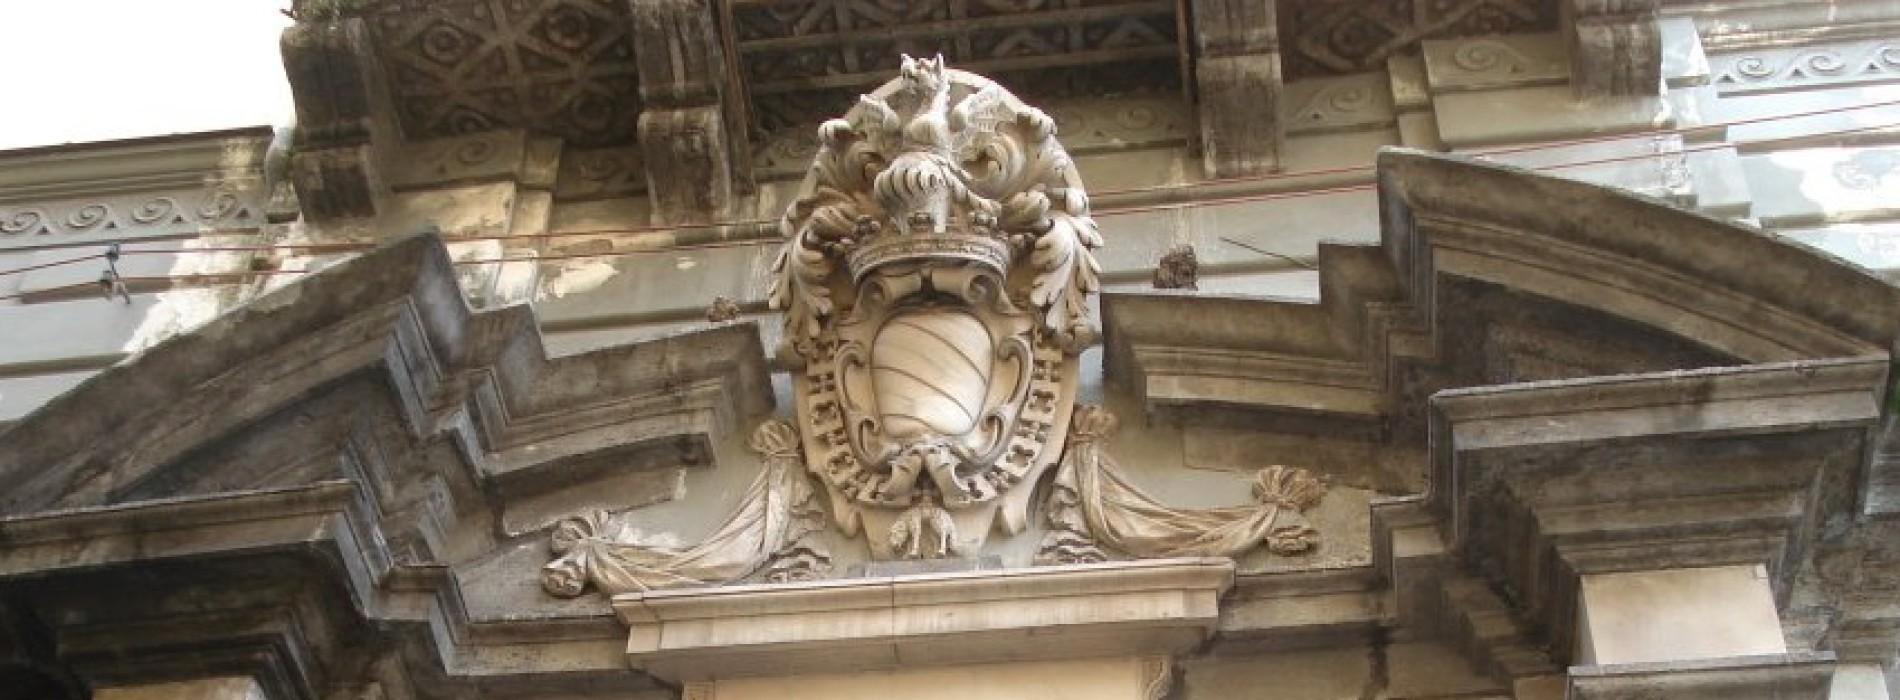 Palazzo San Severo, lì dove alberga il fantasma di Maria d'Avalos